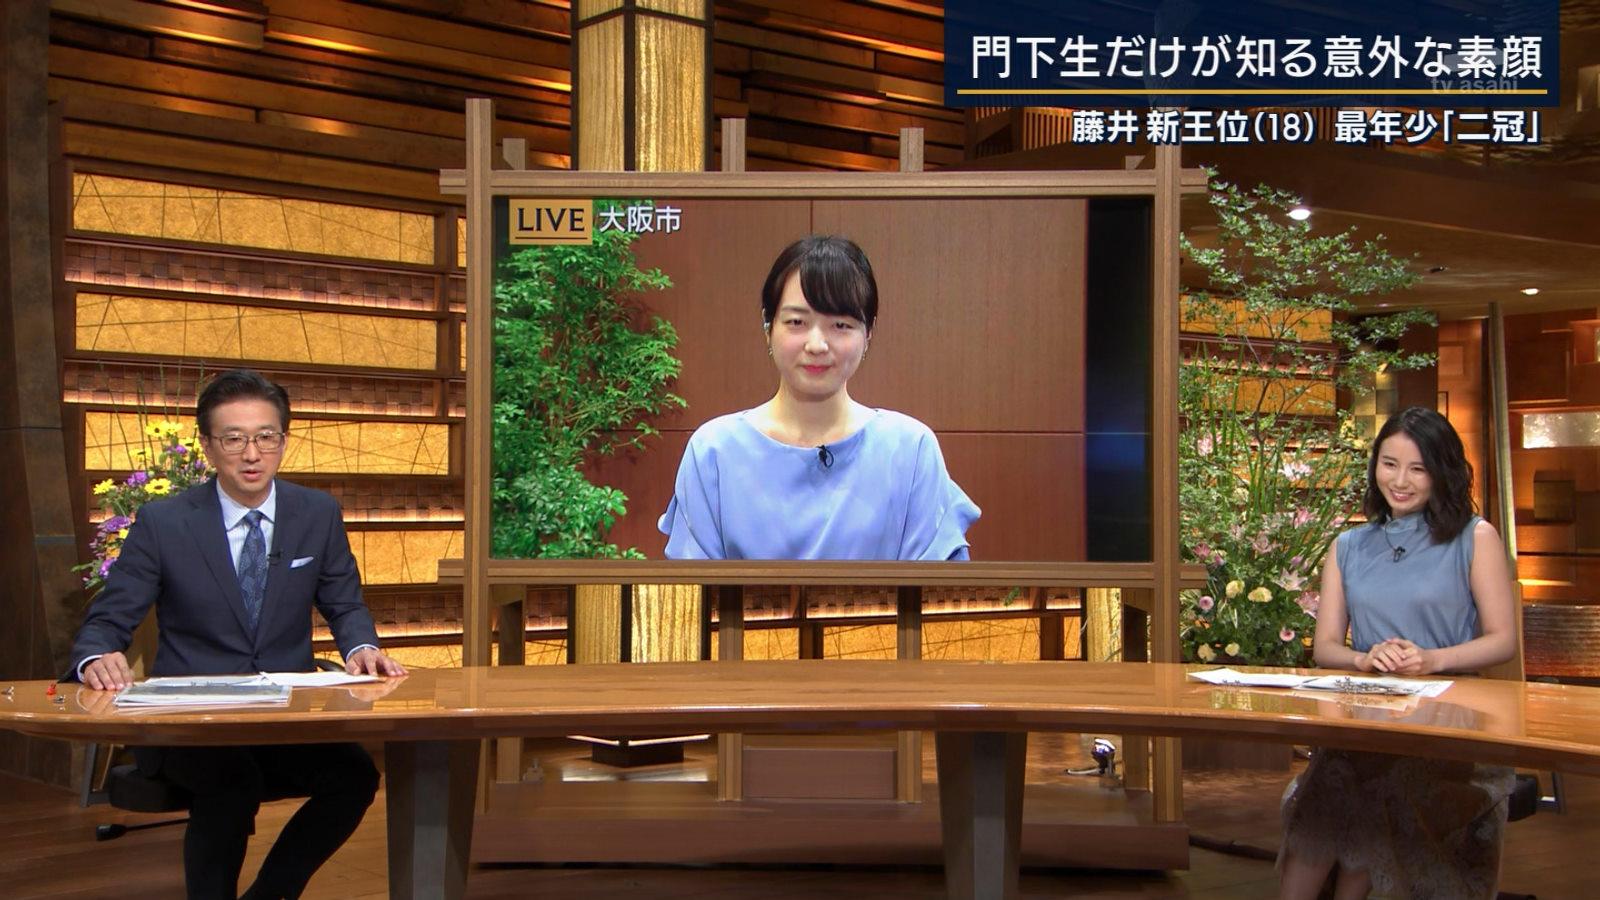 森川夕貴_着衣巨乳_おっぱい_報道ステーション_32